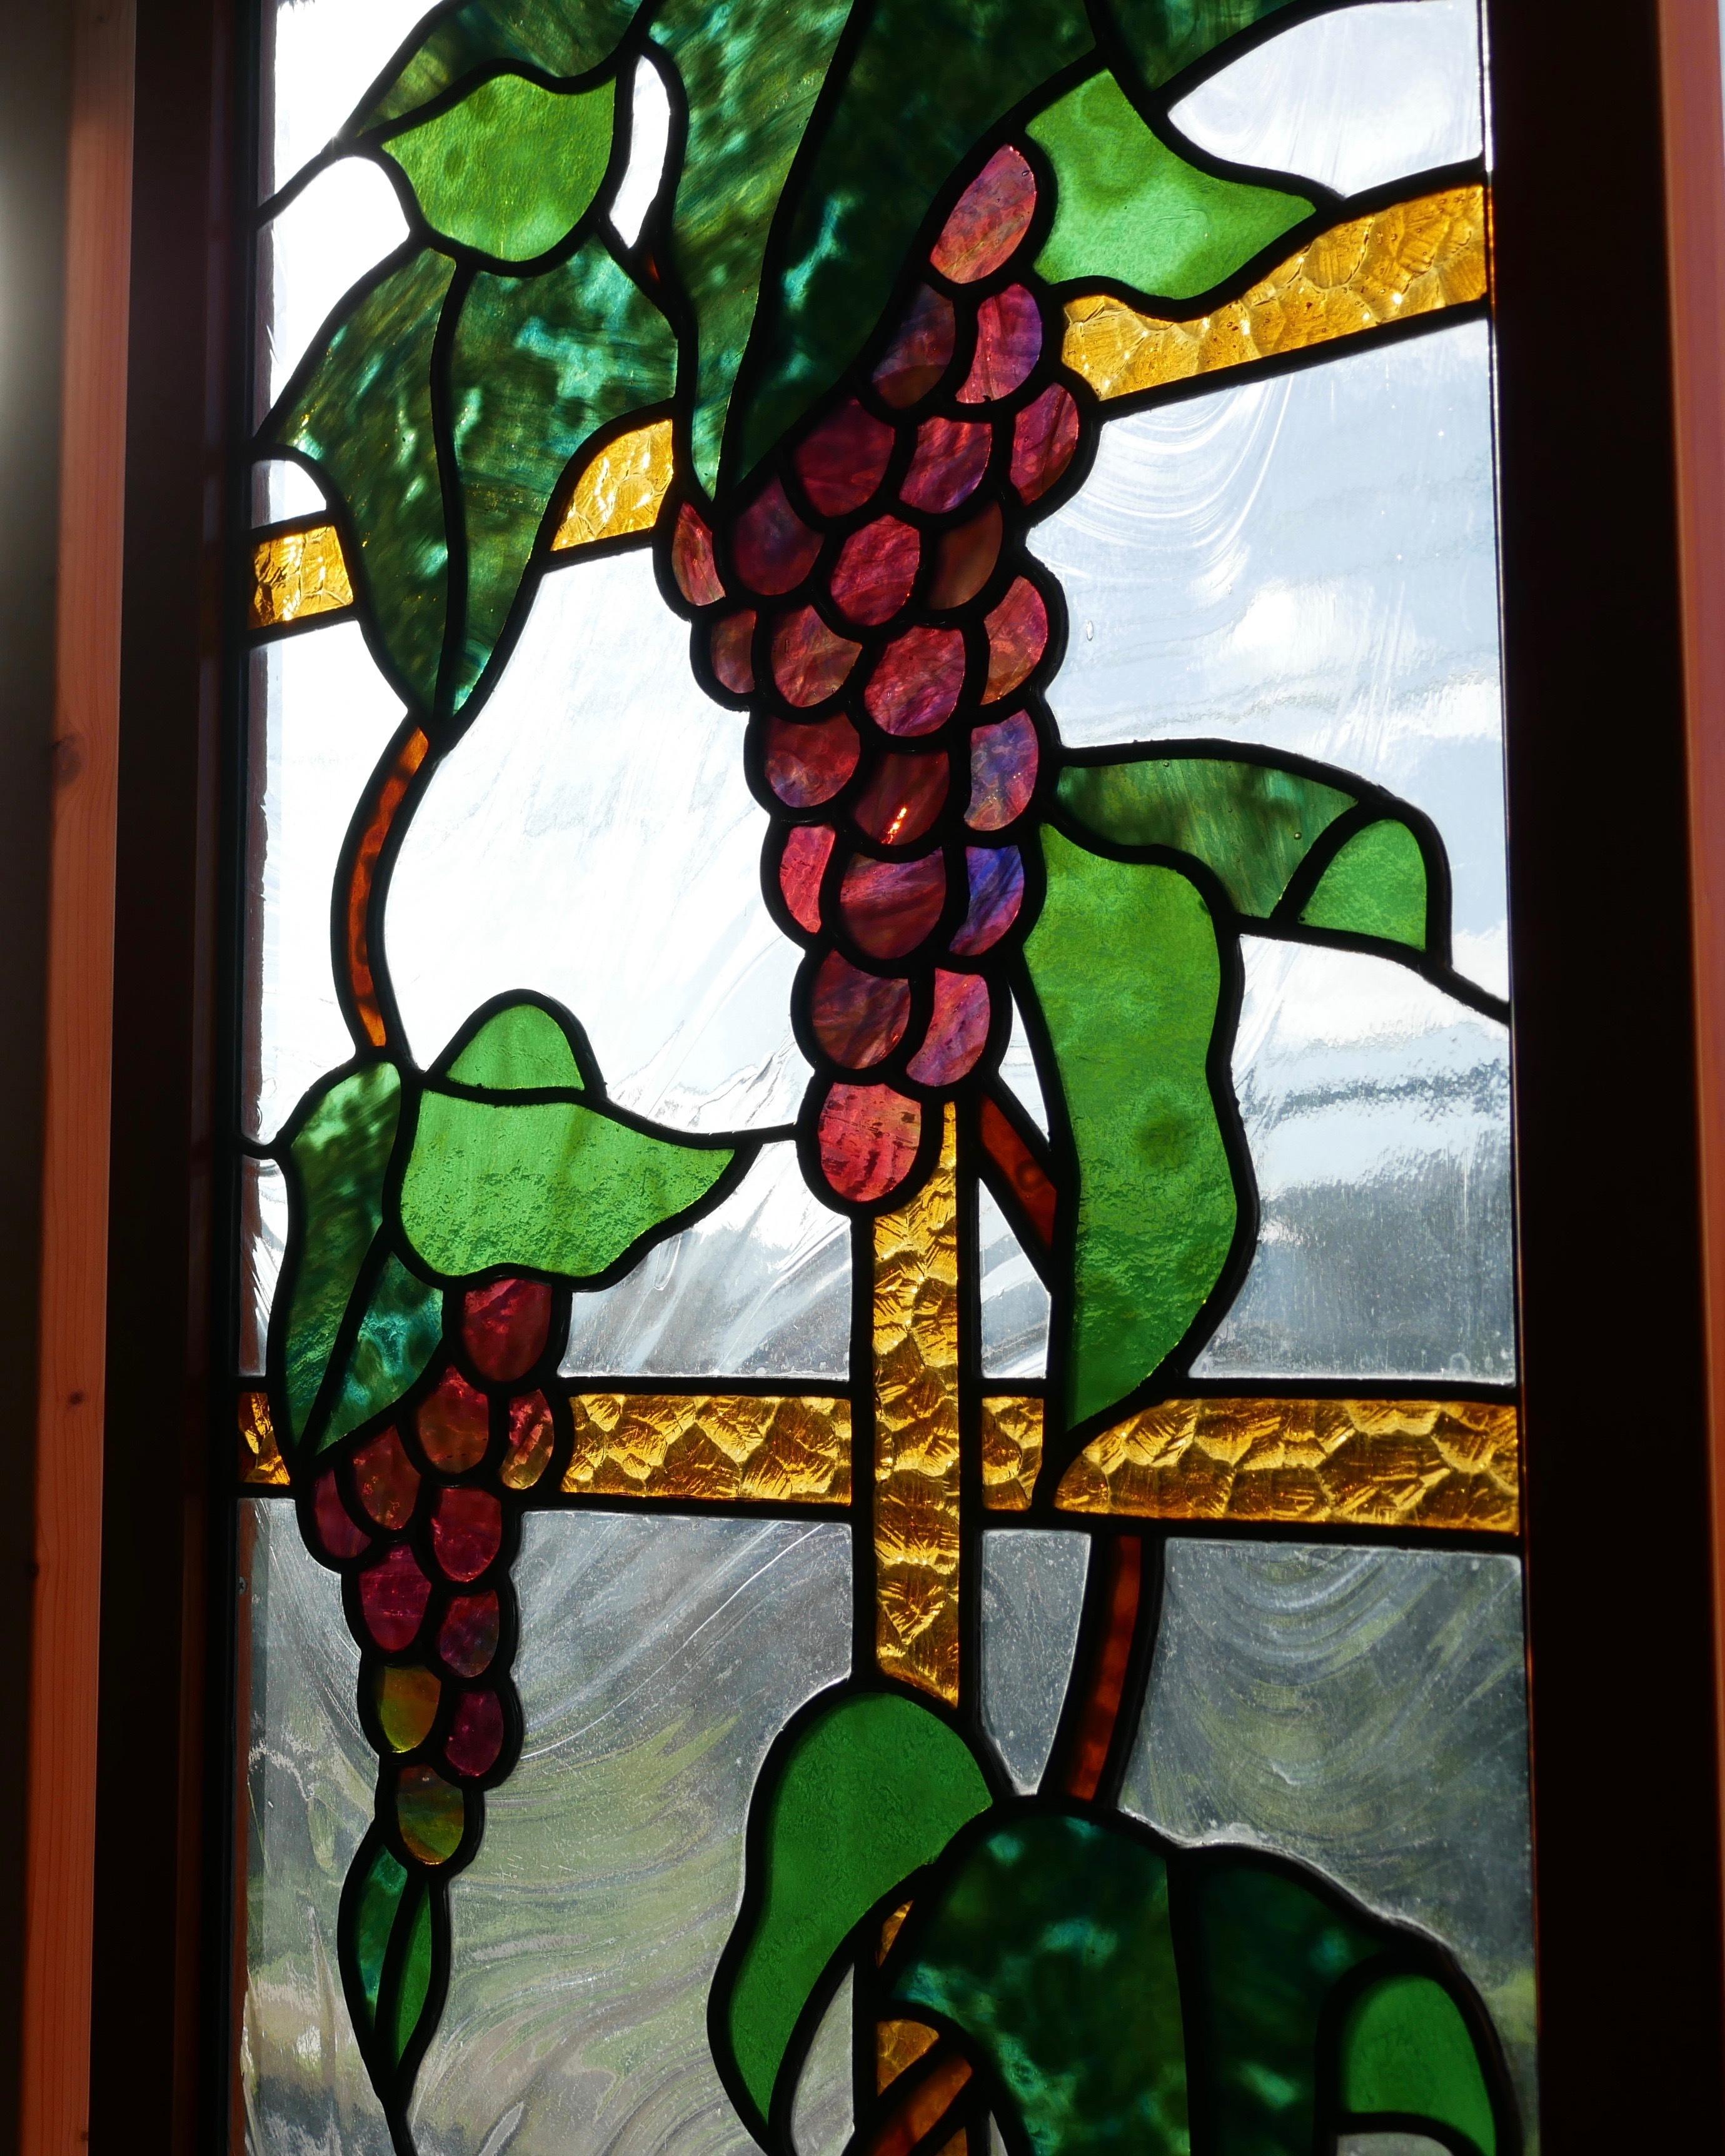 ブドウのパネル